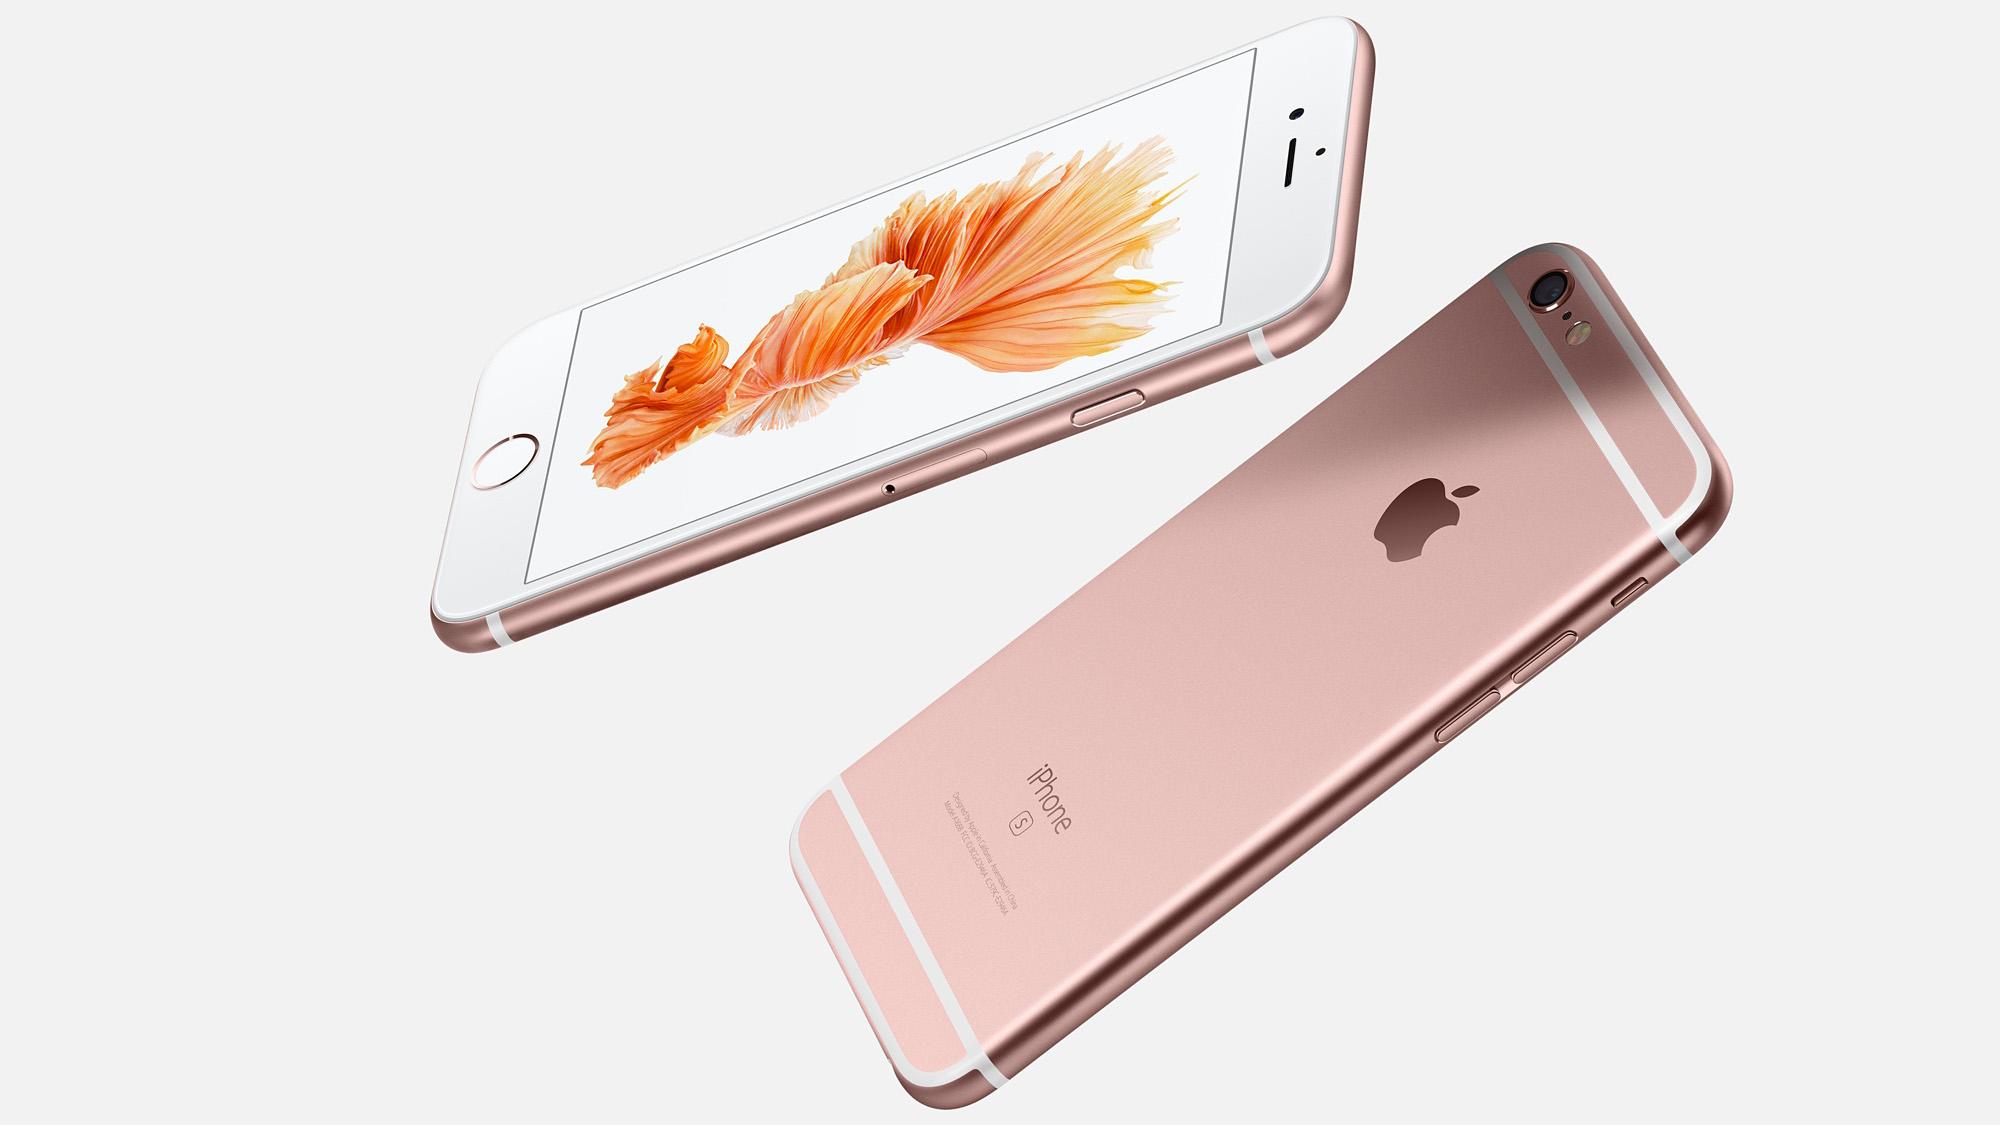 iPhone 8 va fi controlat cu ajutorul gesturilor